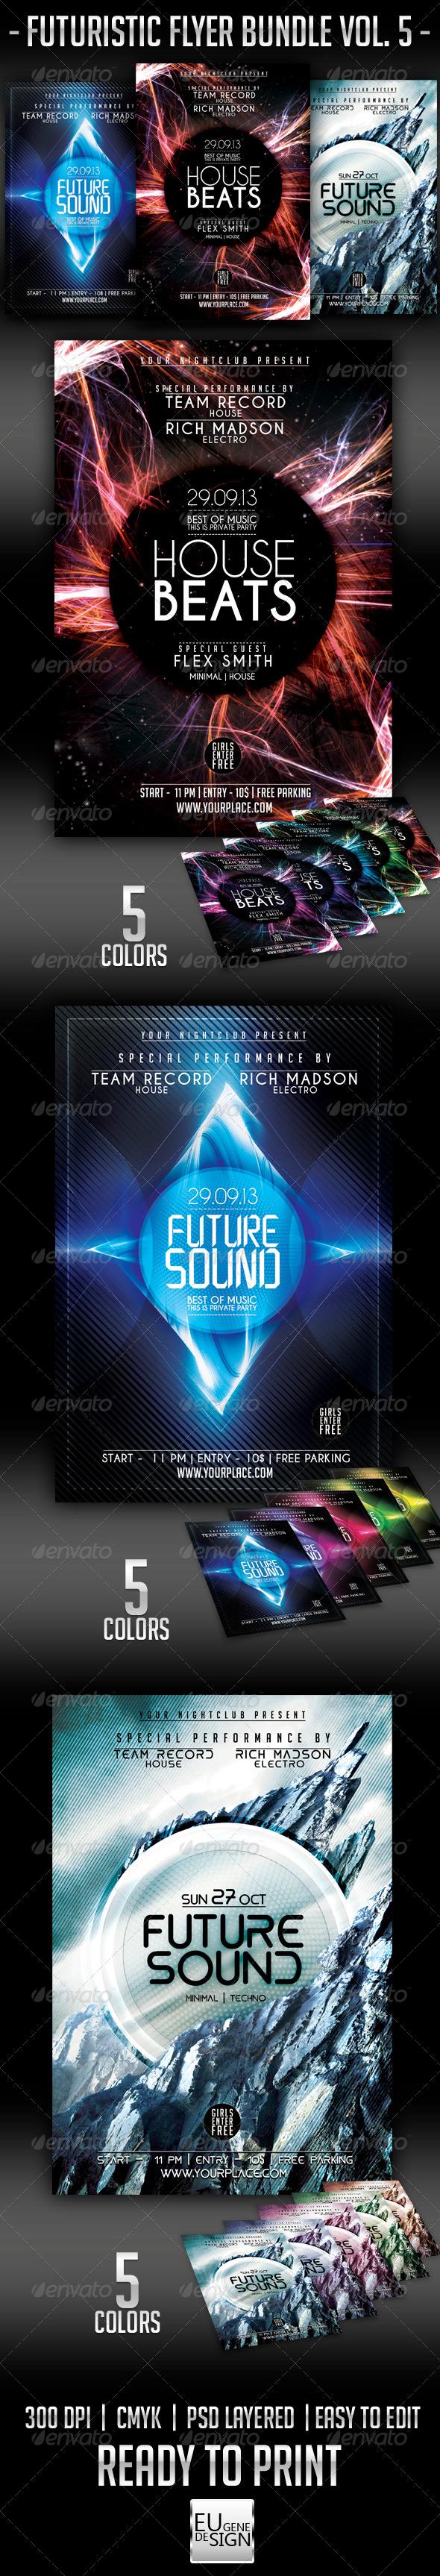 Futuristic Flyer Bundle Vol. 5 - Clubs & Parties Events